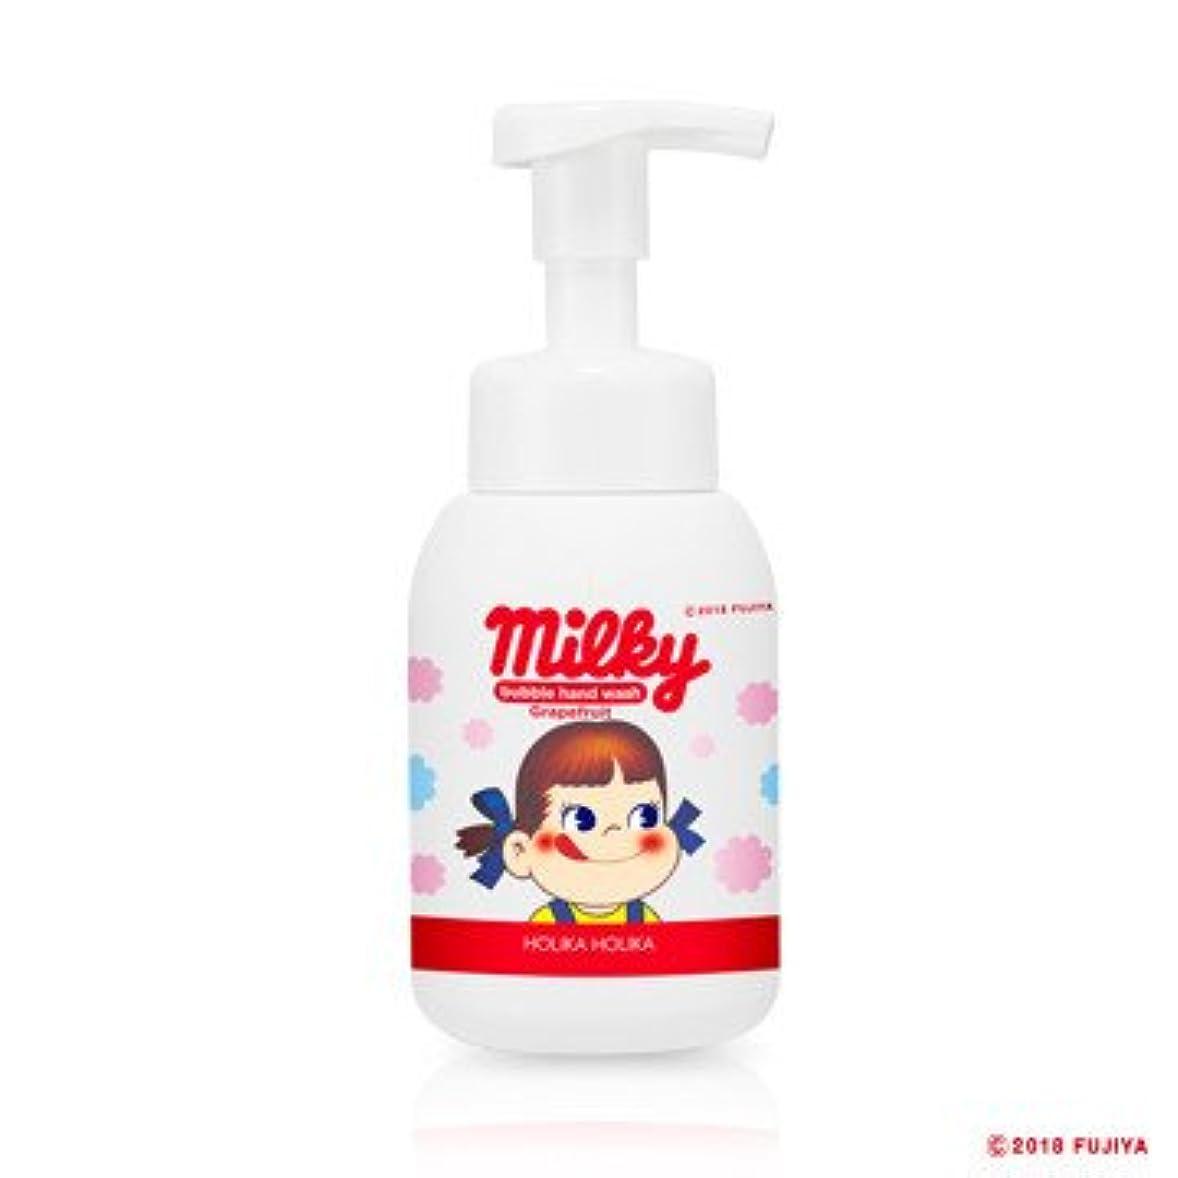 有用表示おっとHolika Holika [Sweet Peko Edition] Bubble Hand Wash/ホリカホリカ [スイートペコエディション] バブルハンドウォッシュ 250ml [並行輸入品]